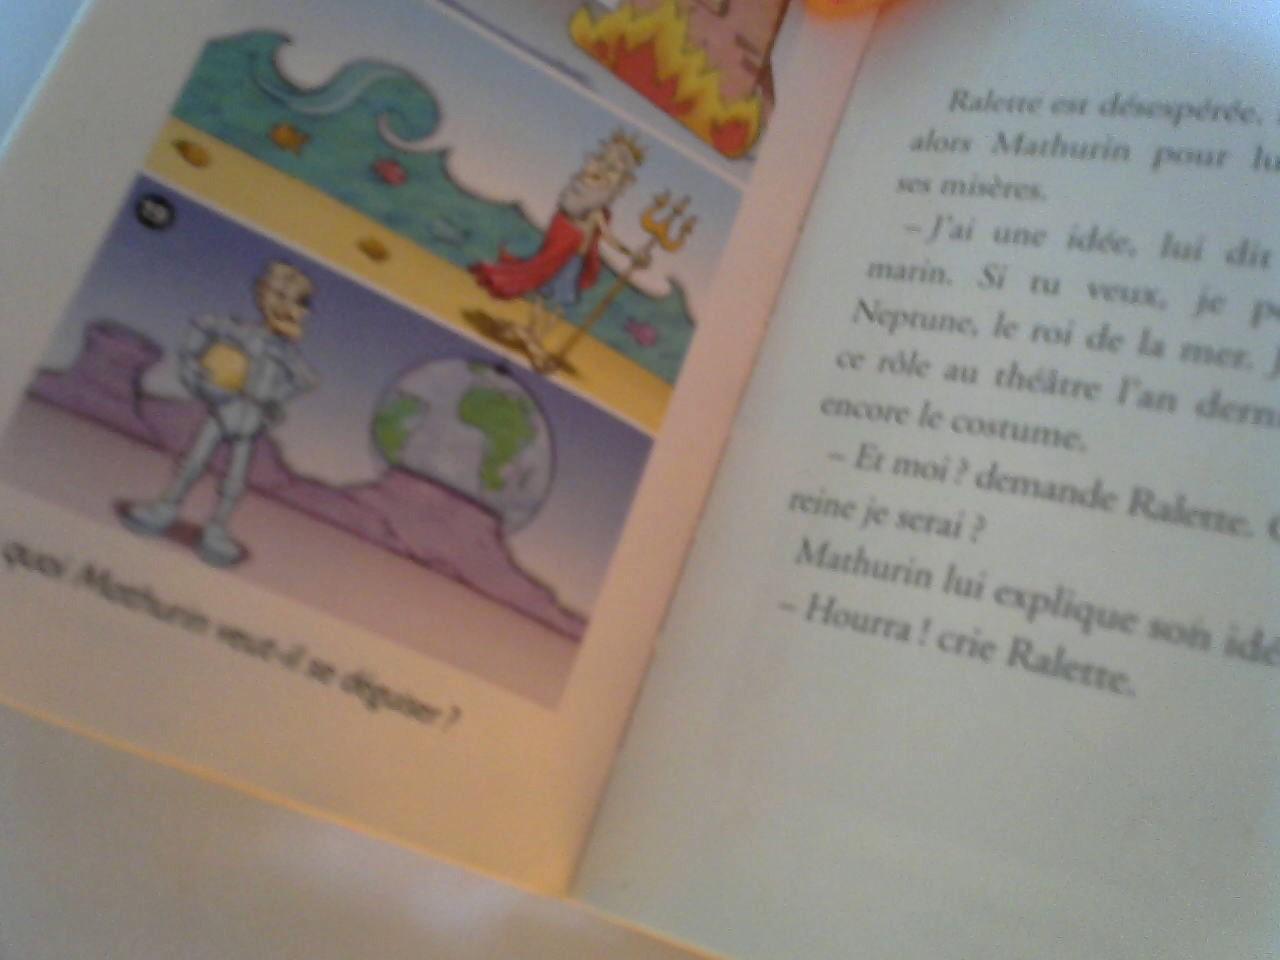 """troc de troc livre ratus """"ralette reine du carnaval"""" image 2"""